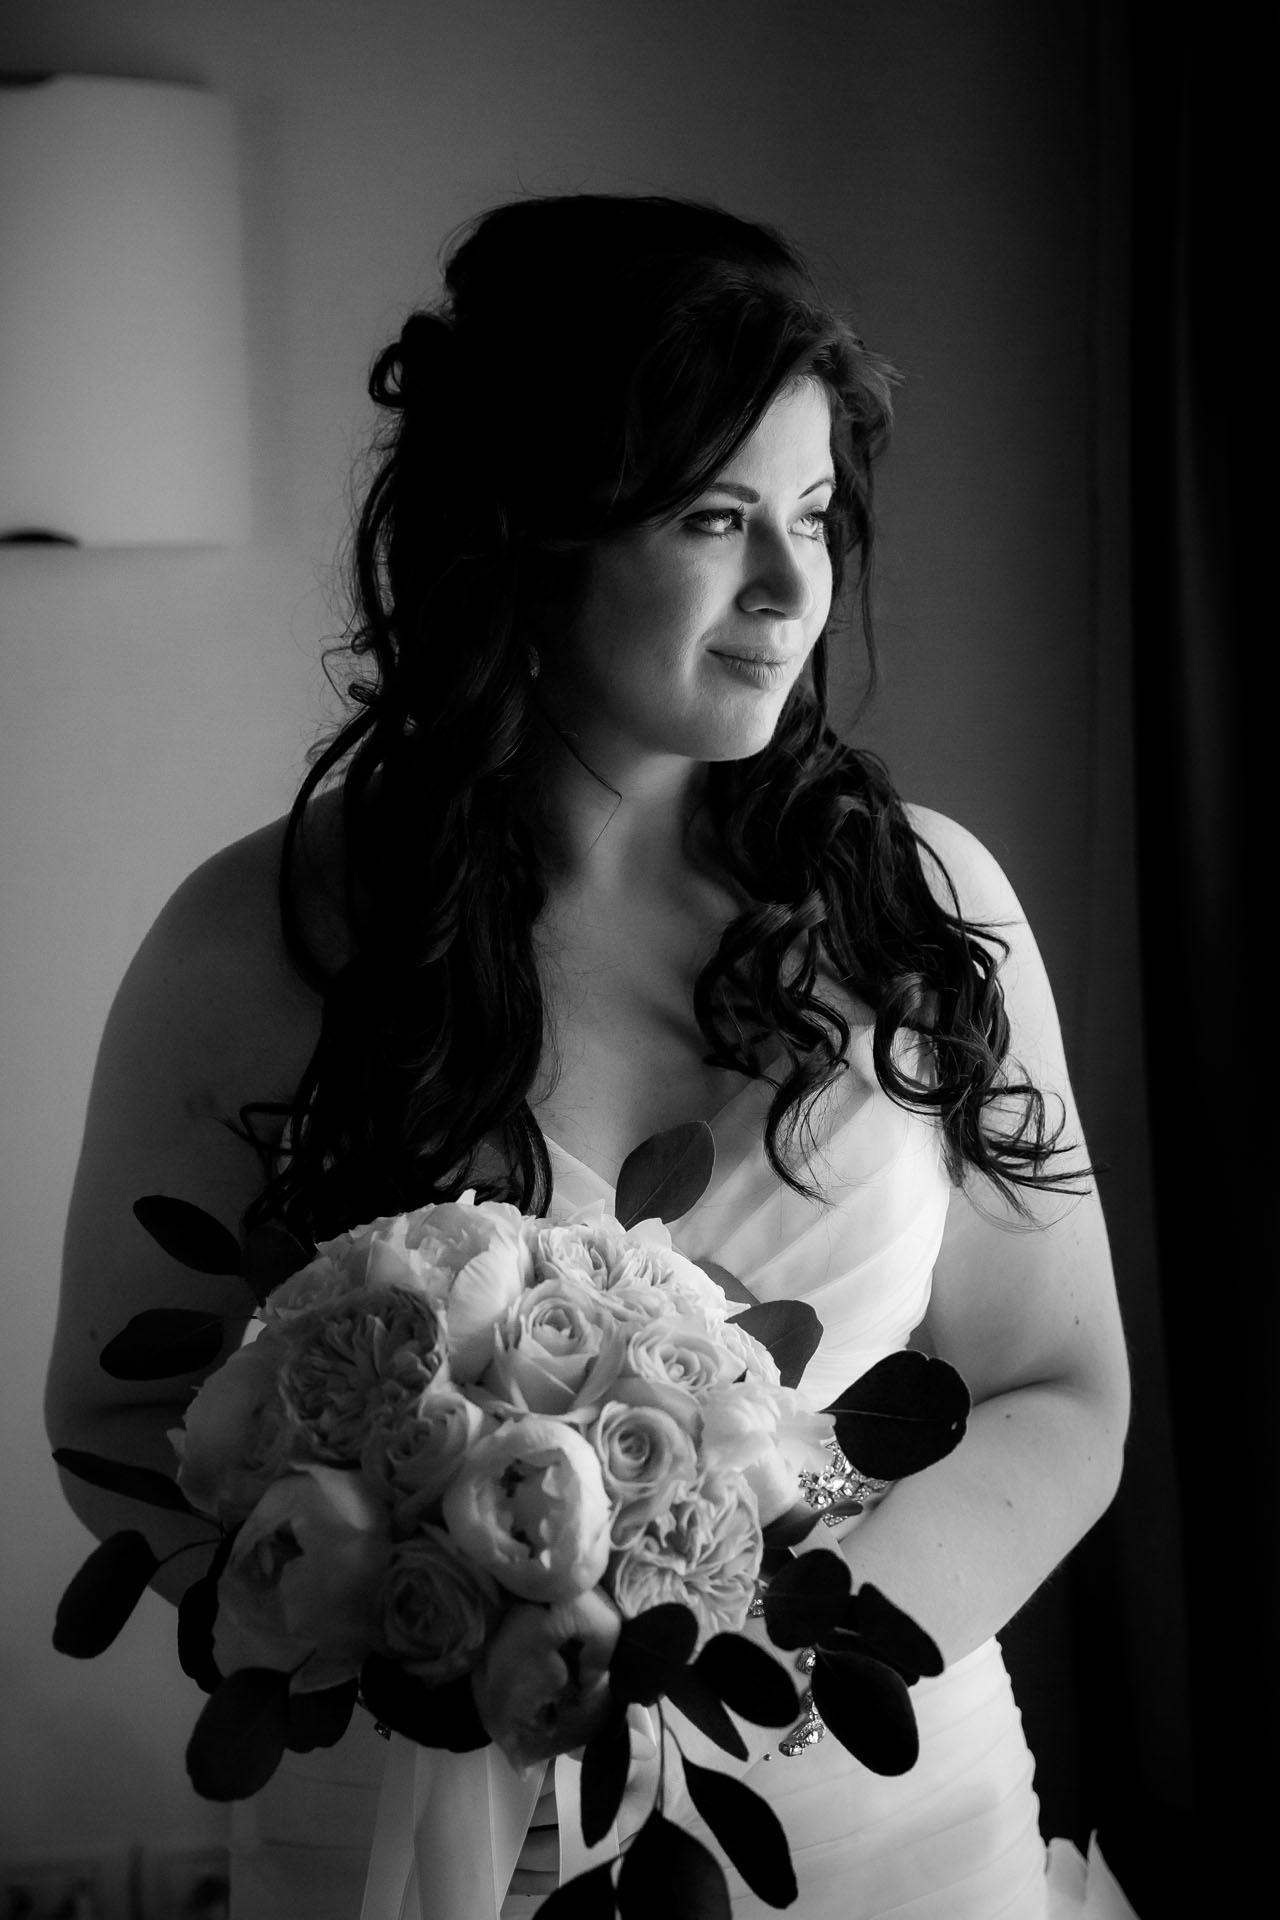 Jessica-Jason-Sposa-Weddingdestination-Storytelling-Renato-Zanette-Fotografo-Convento-San-Francesco-Conegliano-Treviso-Veneto